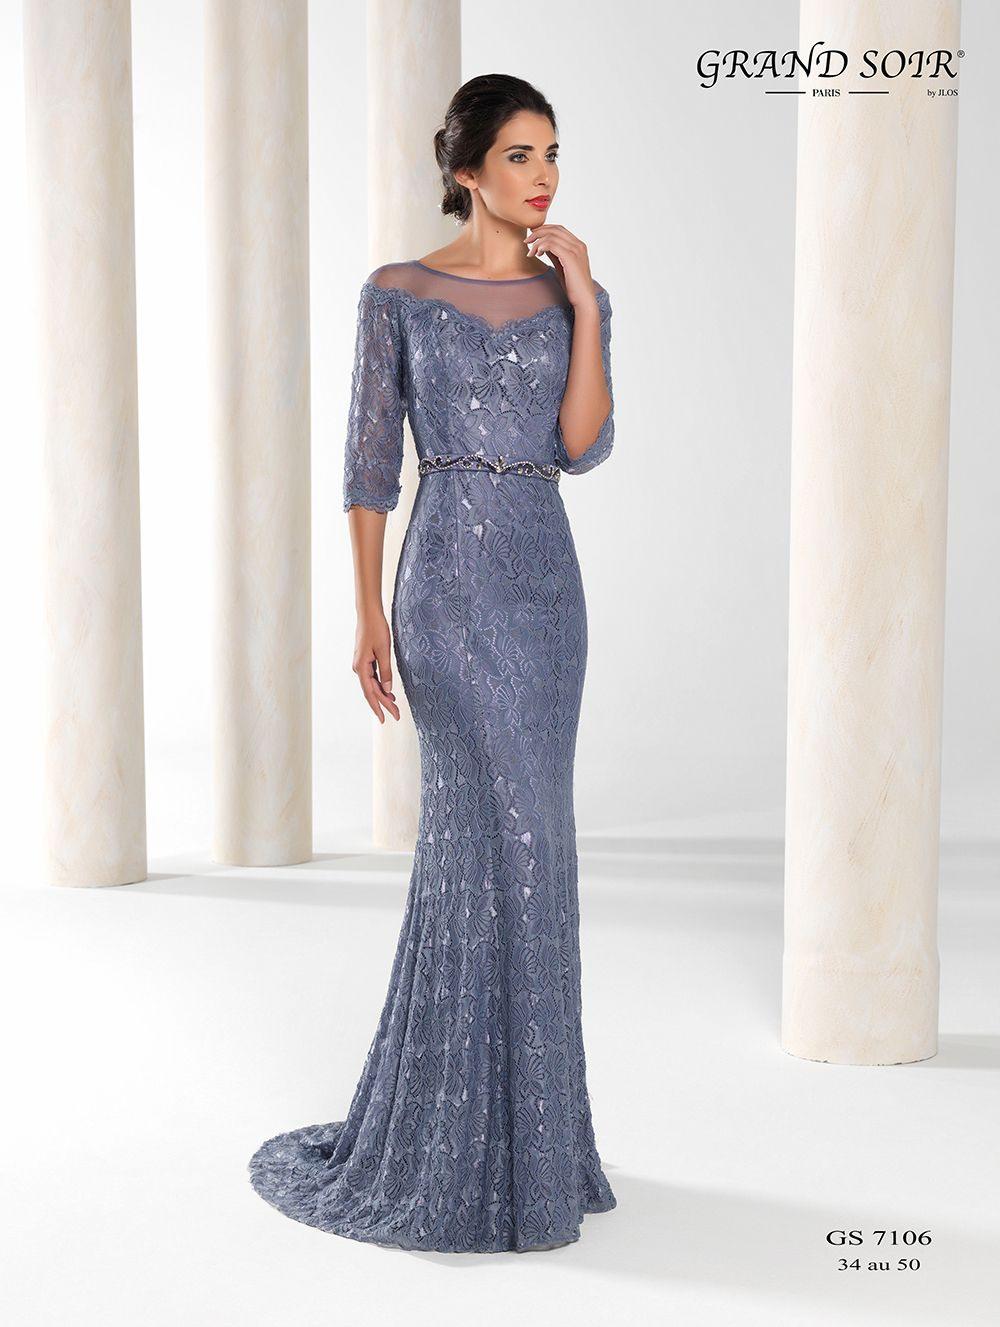 Designer Coolste Abendkleider Figurbetont für 201910 Fantastisch Abendkleider Figurbetont Stylish